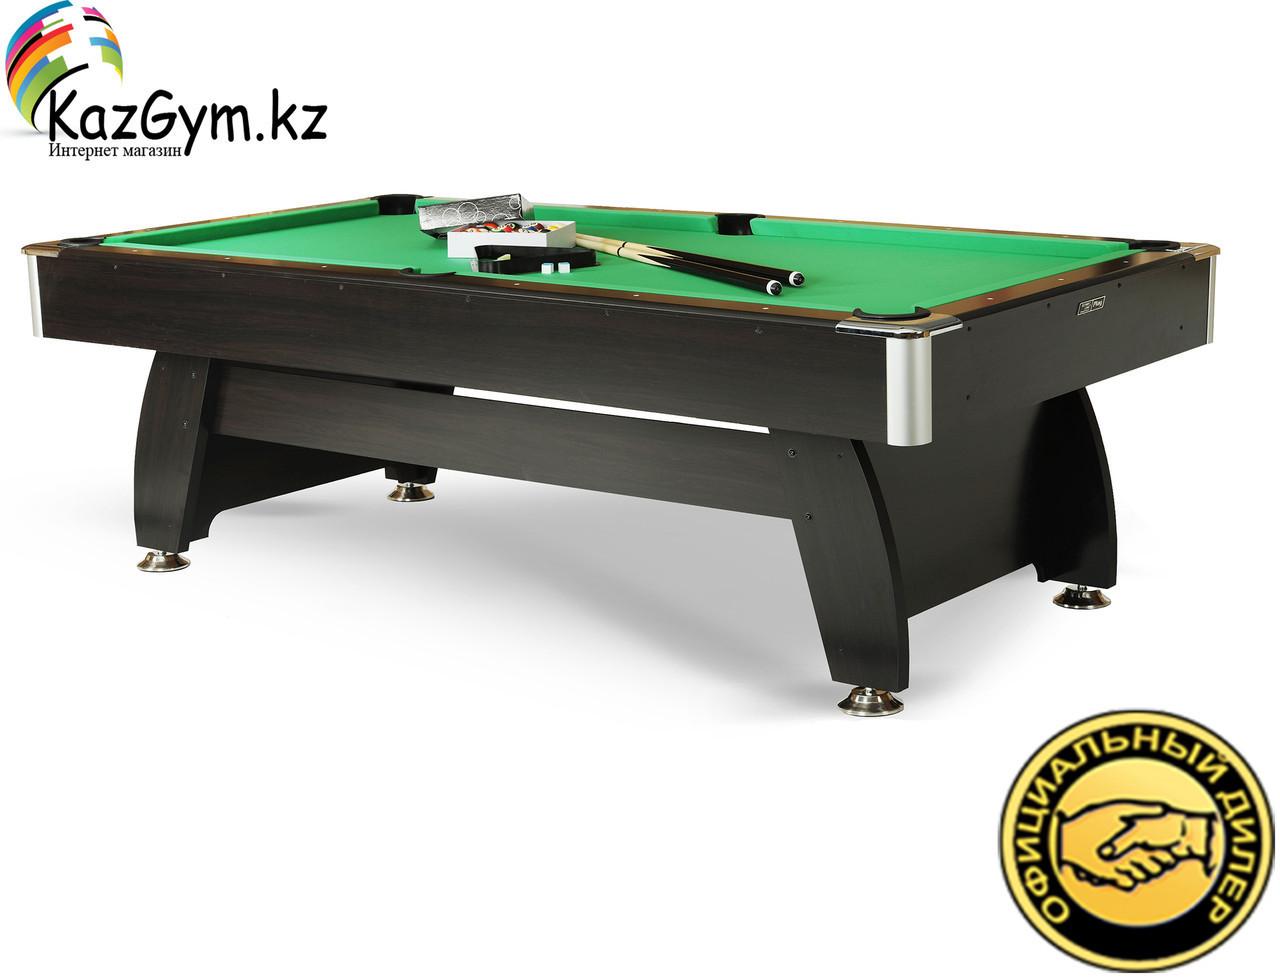 Бильярдный стол Модерн 7фт РП (с комплектом)